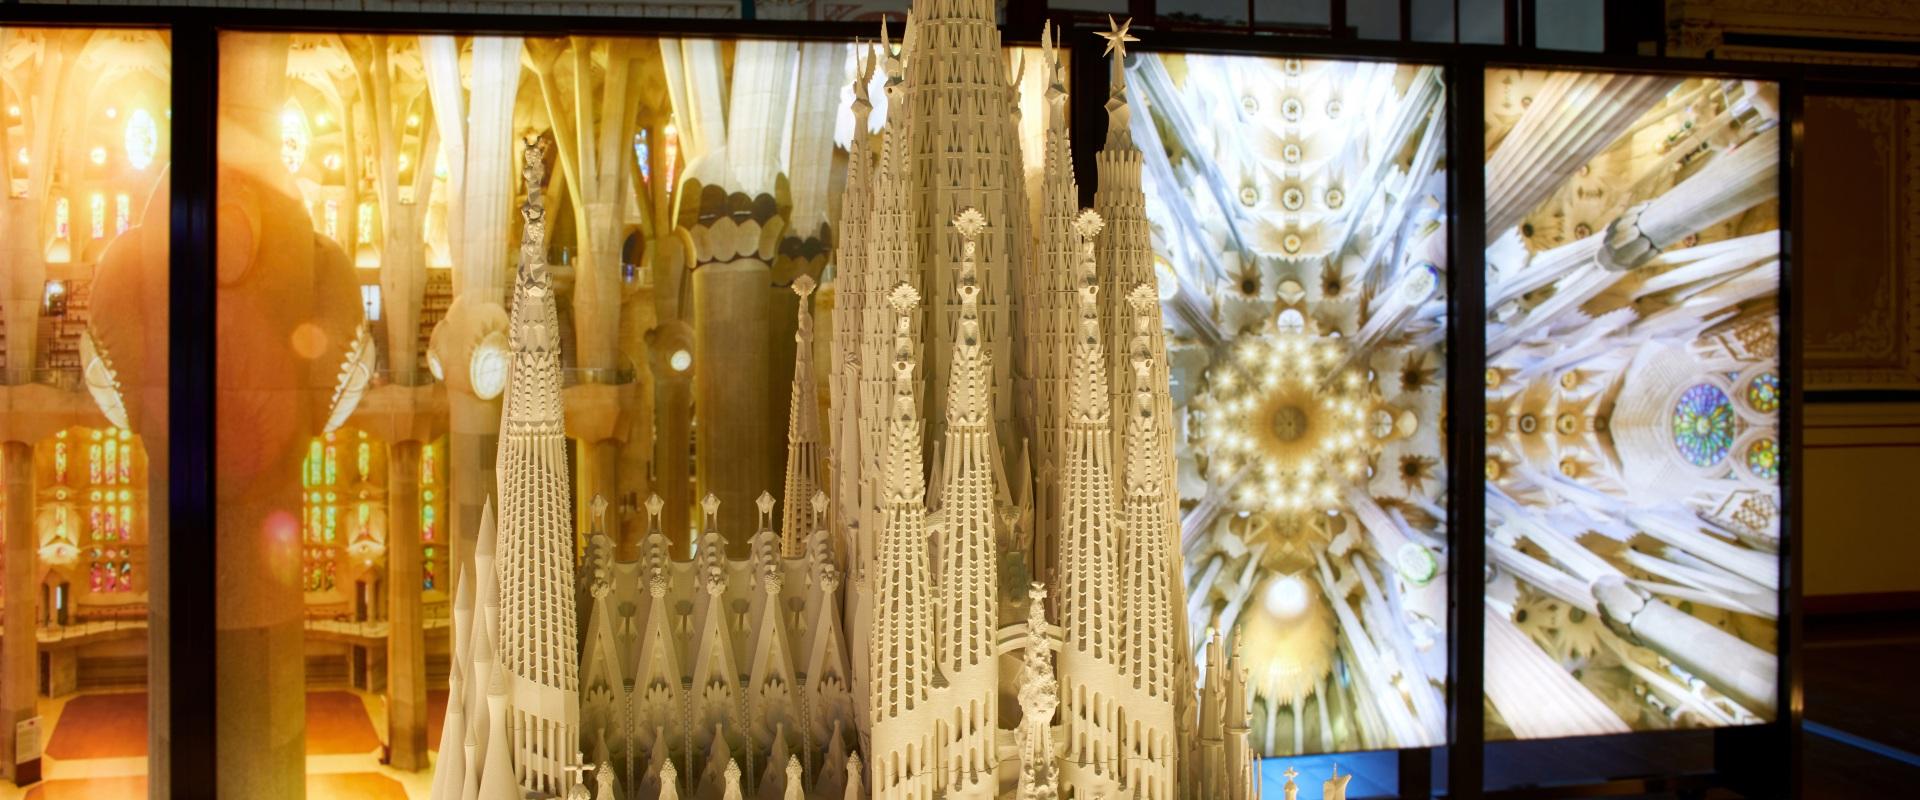 Exposición Gaudí Sagrada Familia. Maqueta iluminada con imágenes del interior del edificio en tonos naranjas.